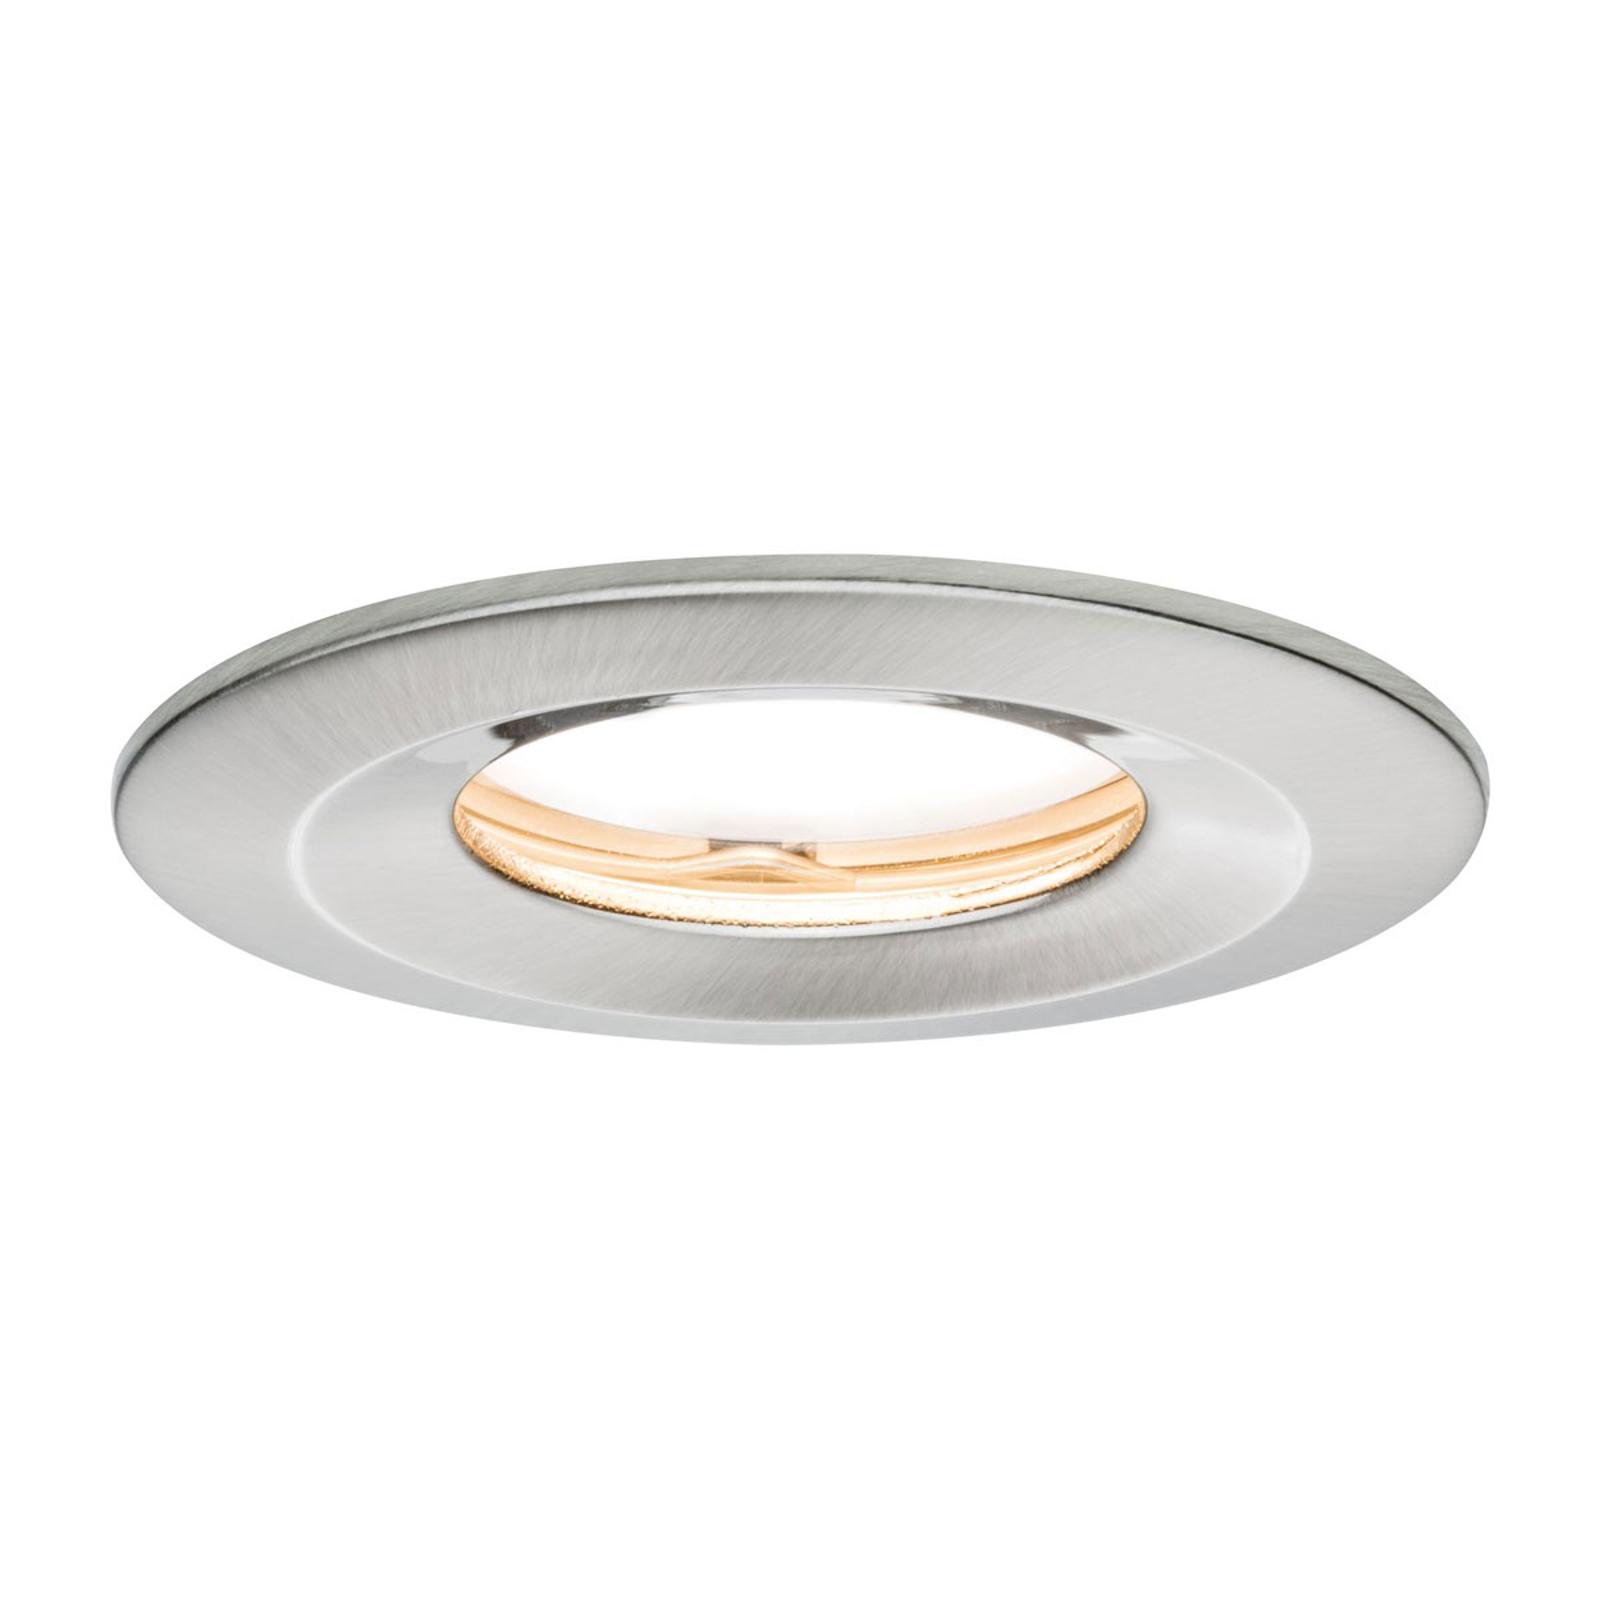 Paulmann LED-Spot Slim Coin, dimmbar, IP65, Eisen